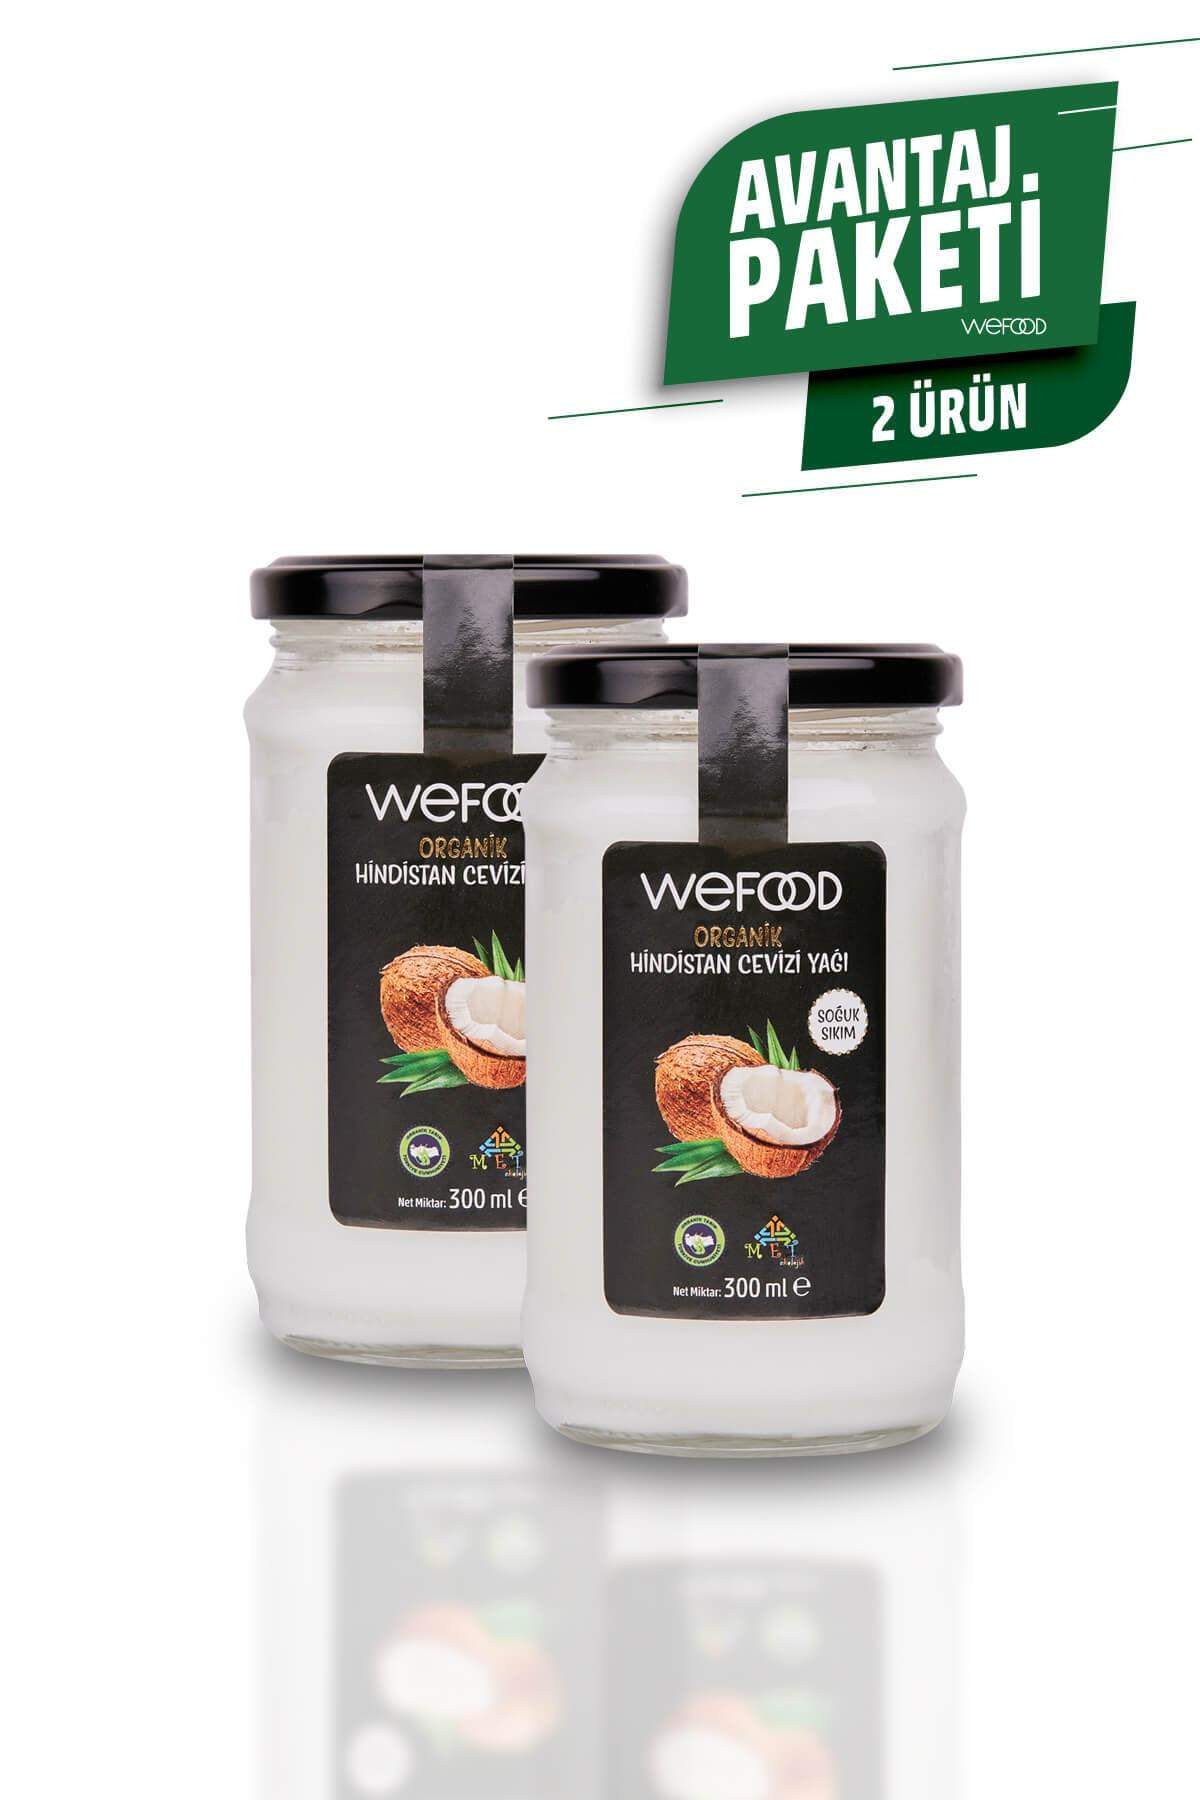 Wefood Organik Hindistan Cevizi Yağı 300 ml (Organik Sertifikalı, Soğuk Sıkım) 2'li 1